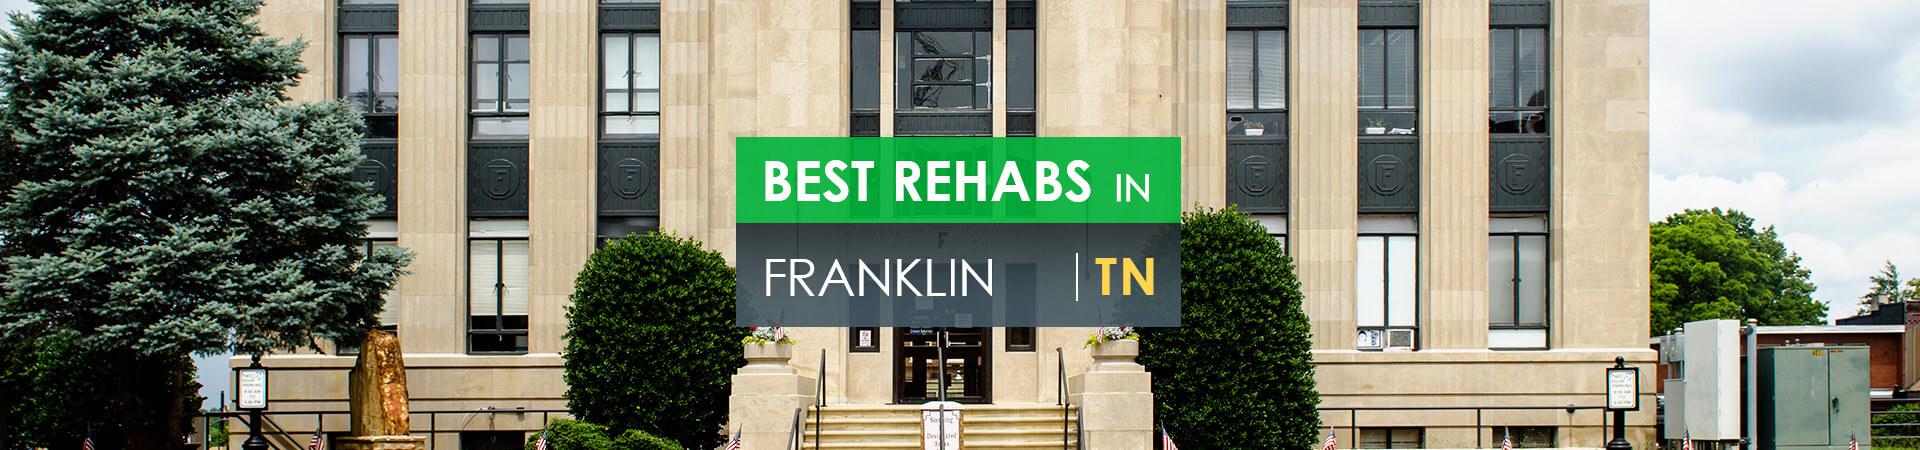 Best rehabs in Franklin, TN